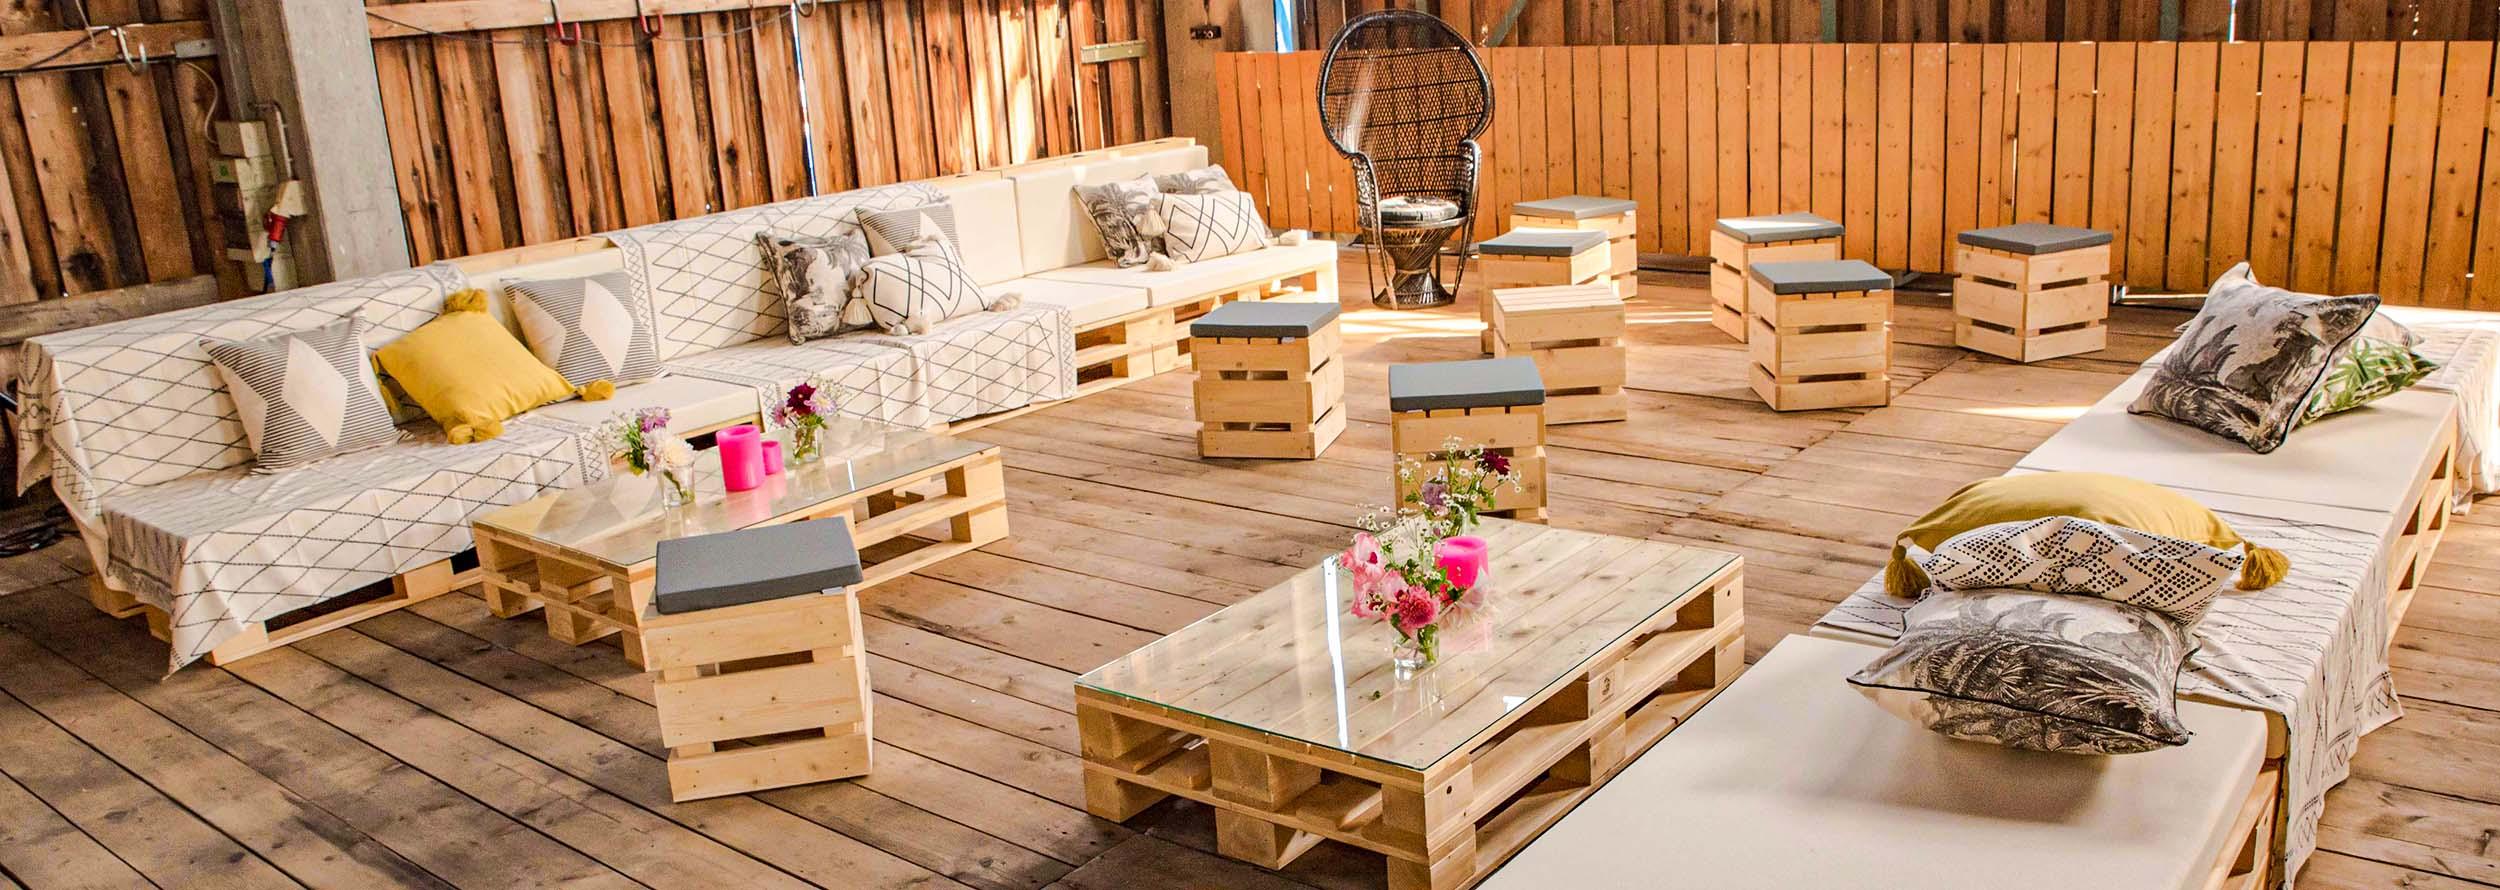 Palettenmöbel für Loungebereiche für Hochzeiten